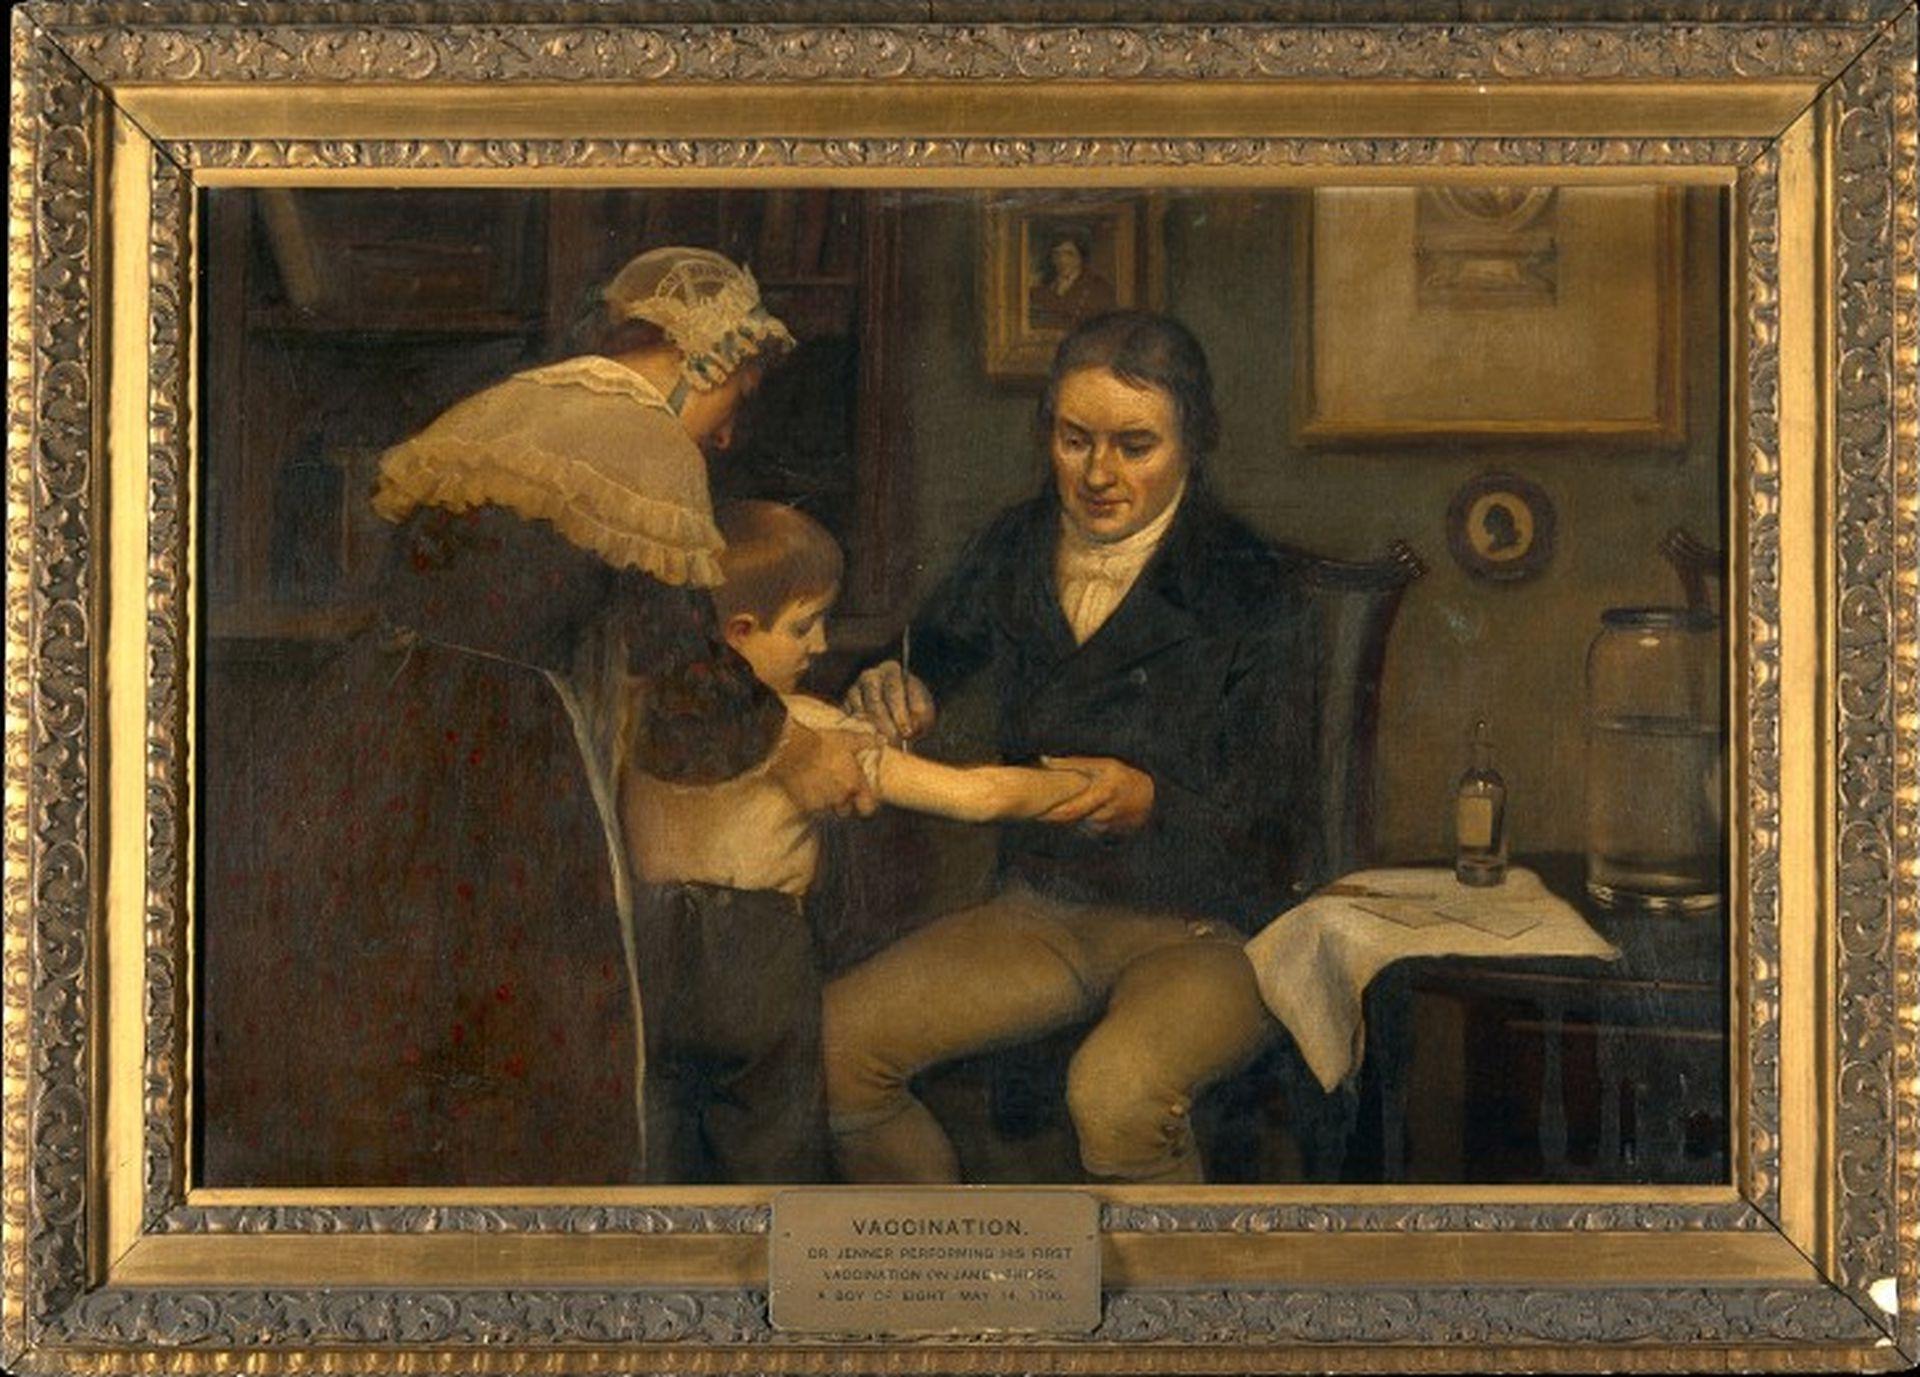 Edward Jenner realiza la primera vacunación en el niño James Phipps, de 8 años. 14 de mayo de 1796.